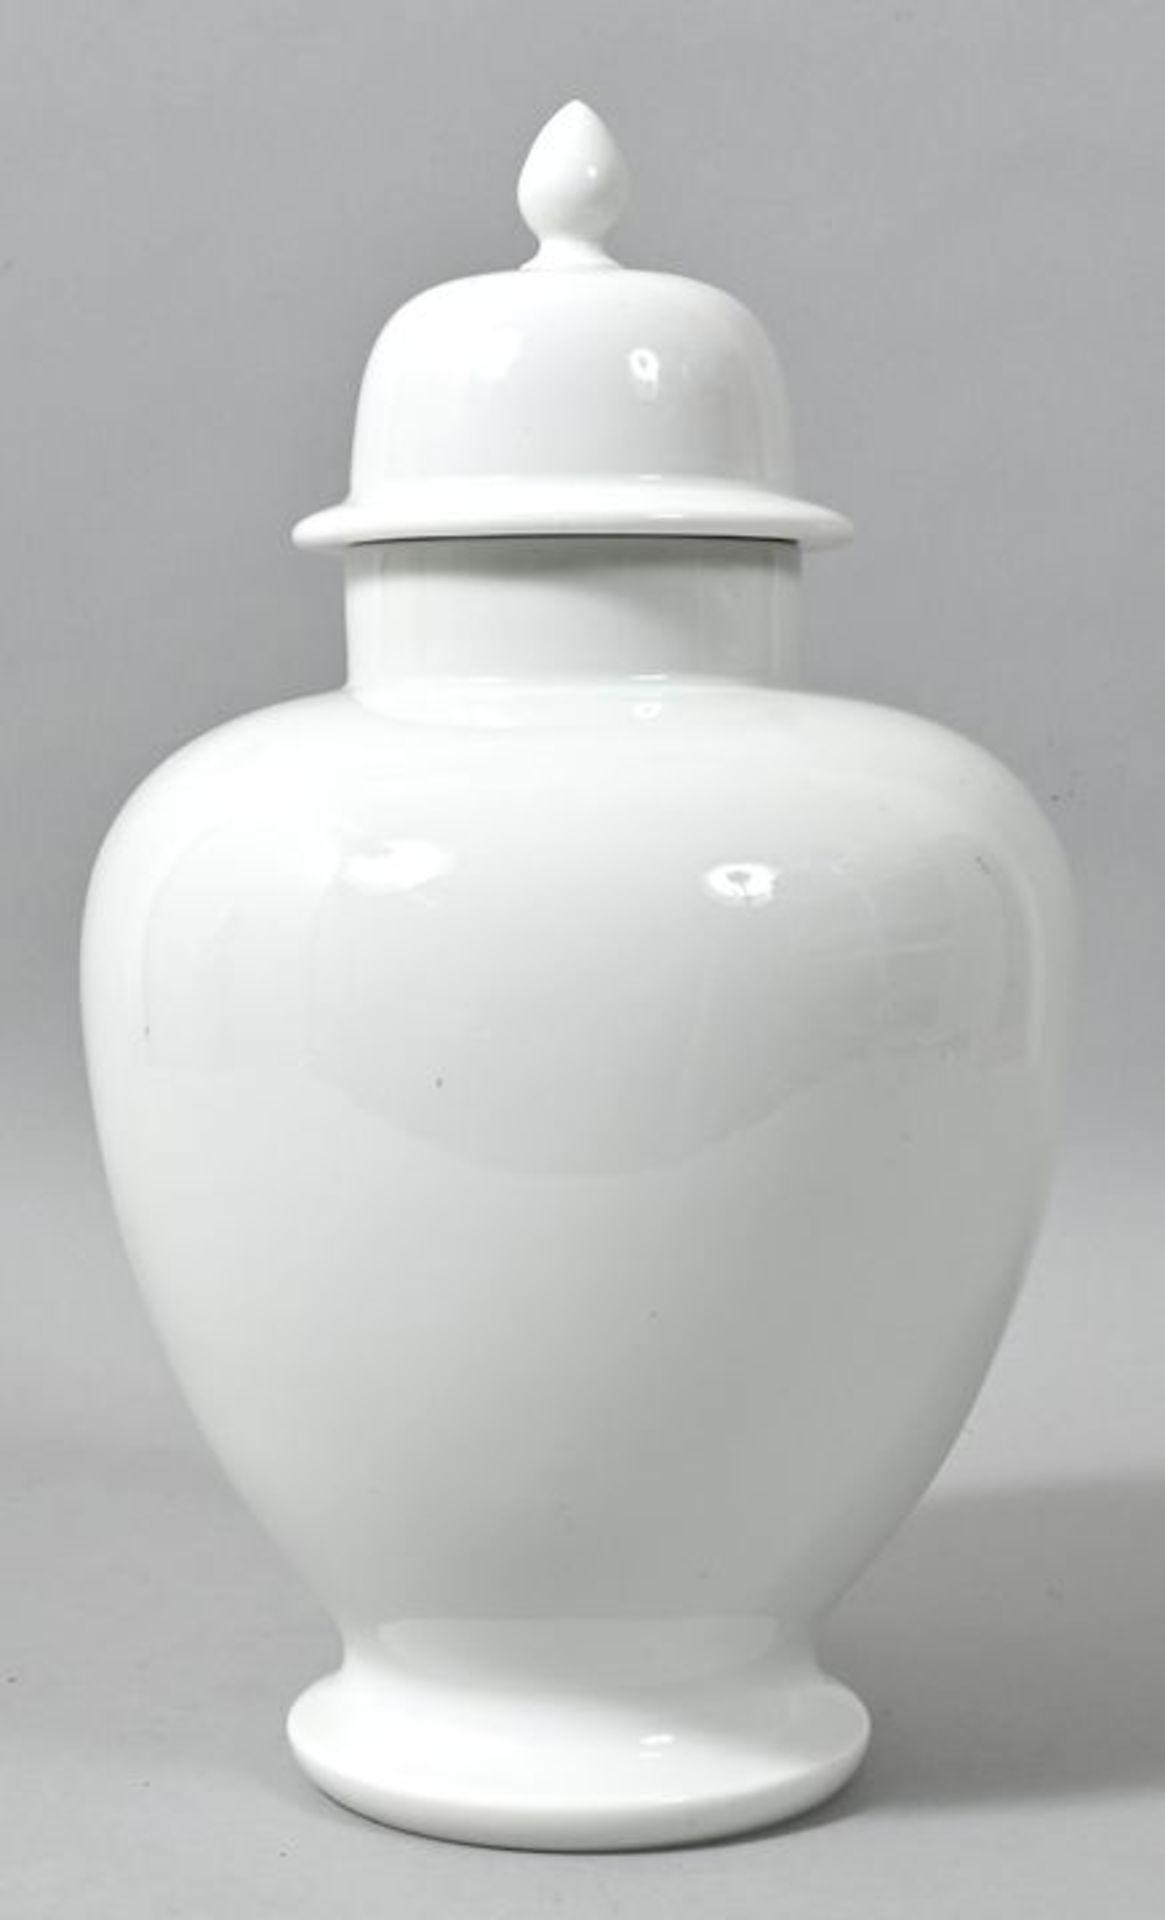 Deckelvase, Meissen, 1. H. 20. Jh.Porzellan, weiß. Balusterform mit Helmdeckel, Boden kreisr